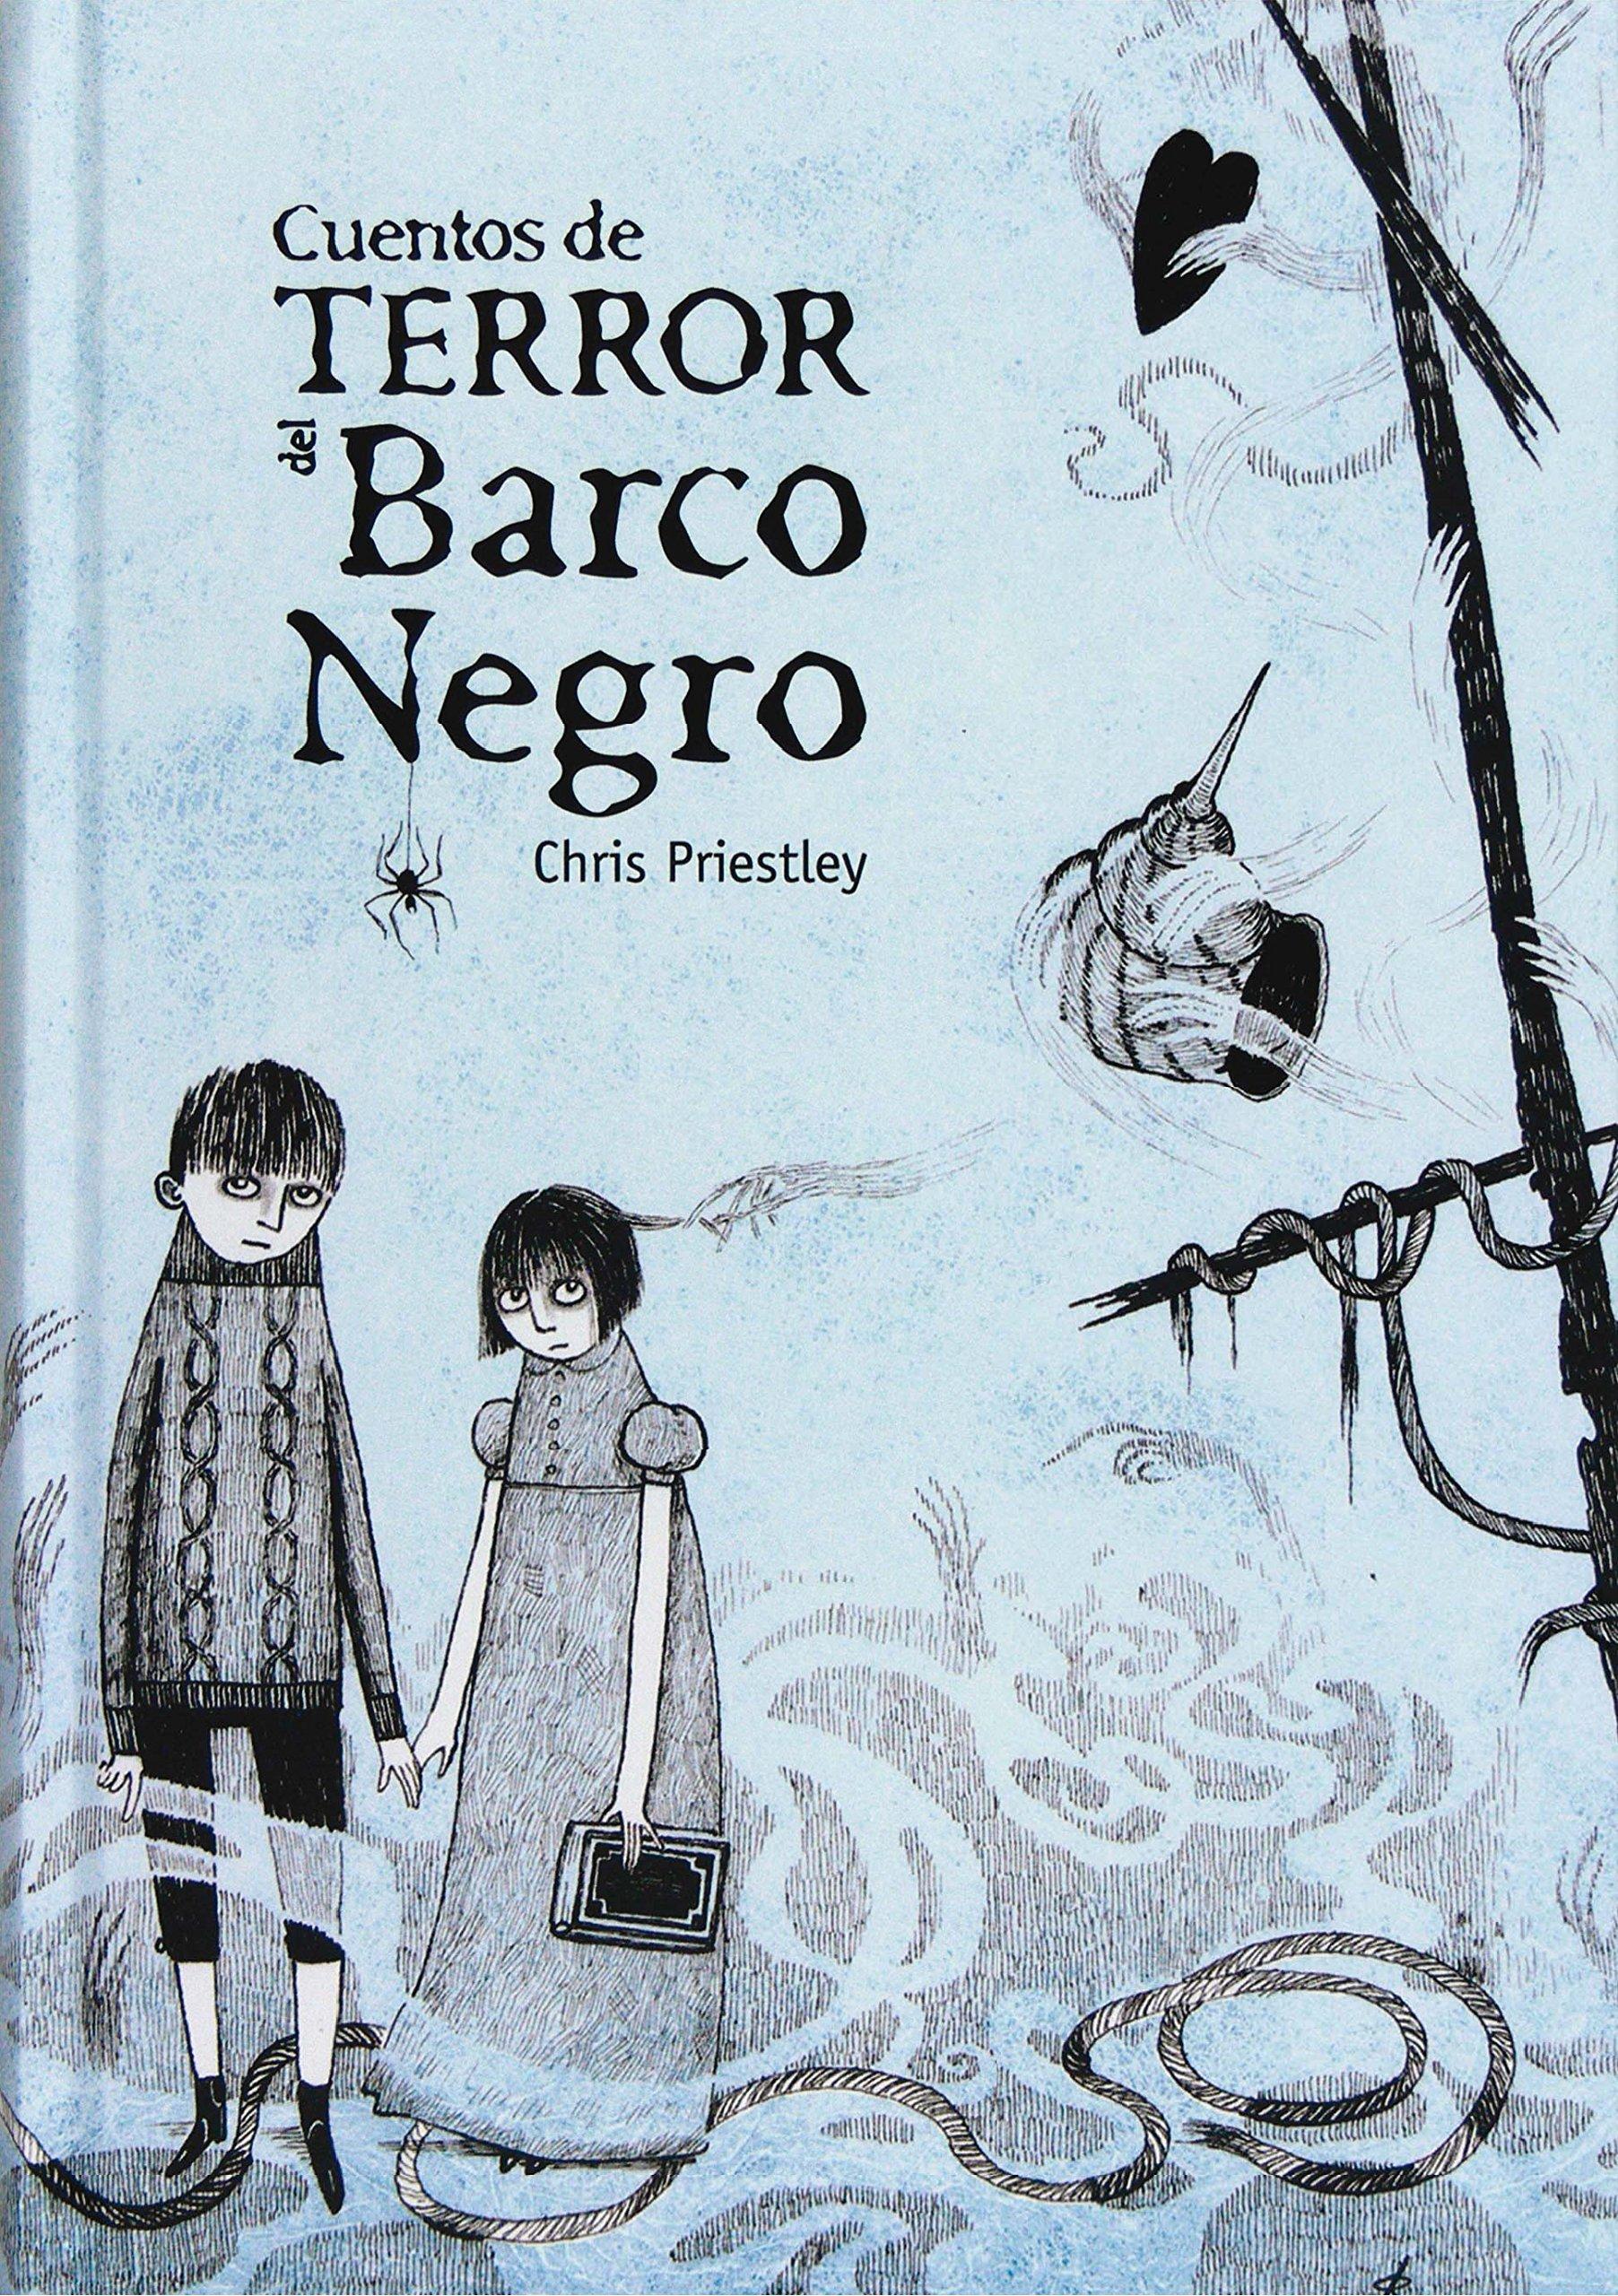 Cuentos de terror del barco negro: Amazon.es: Priestley, Chris: Libros